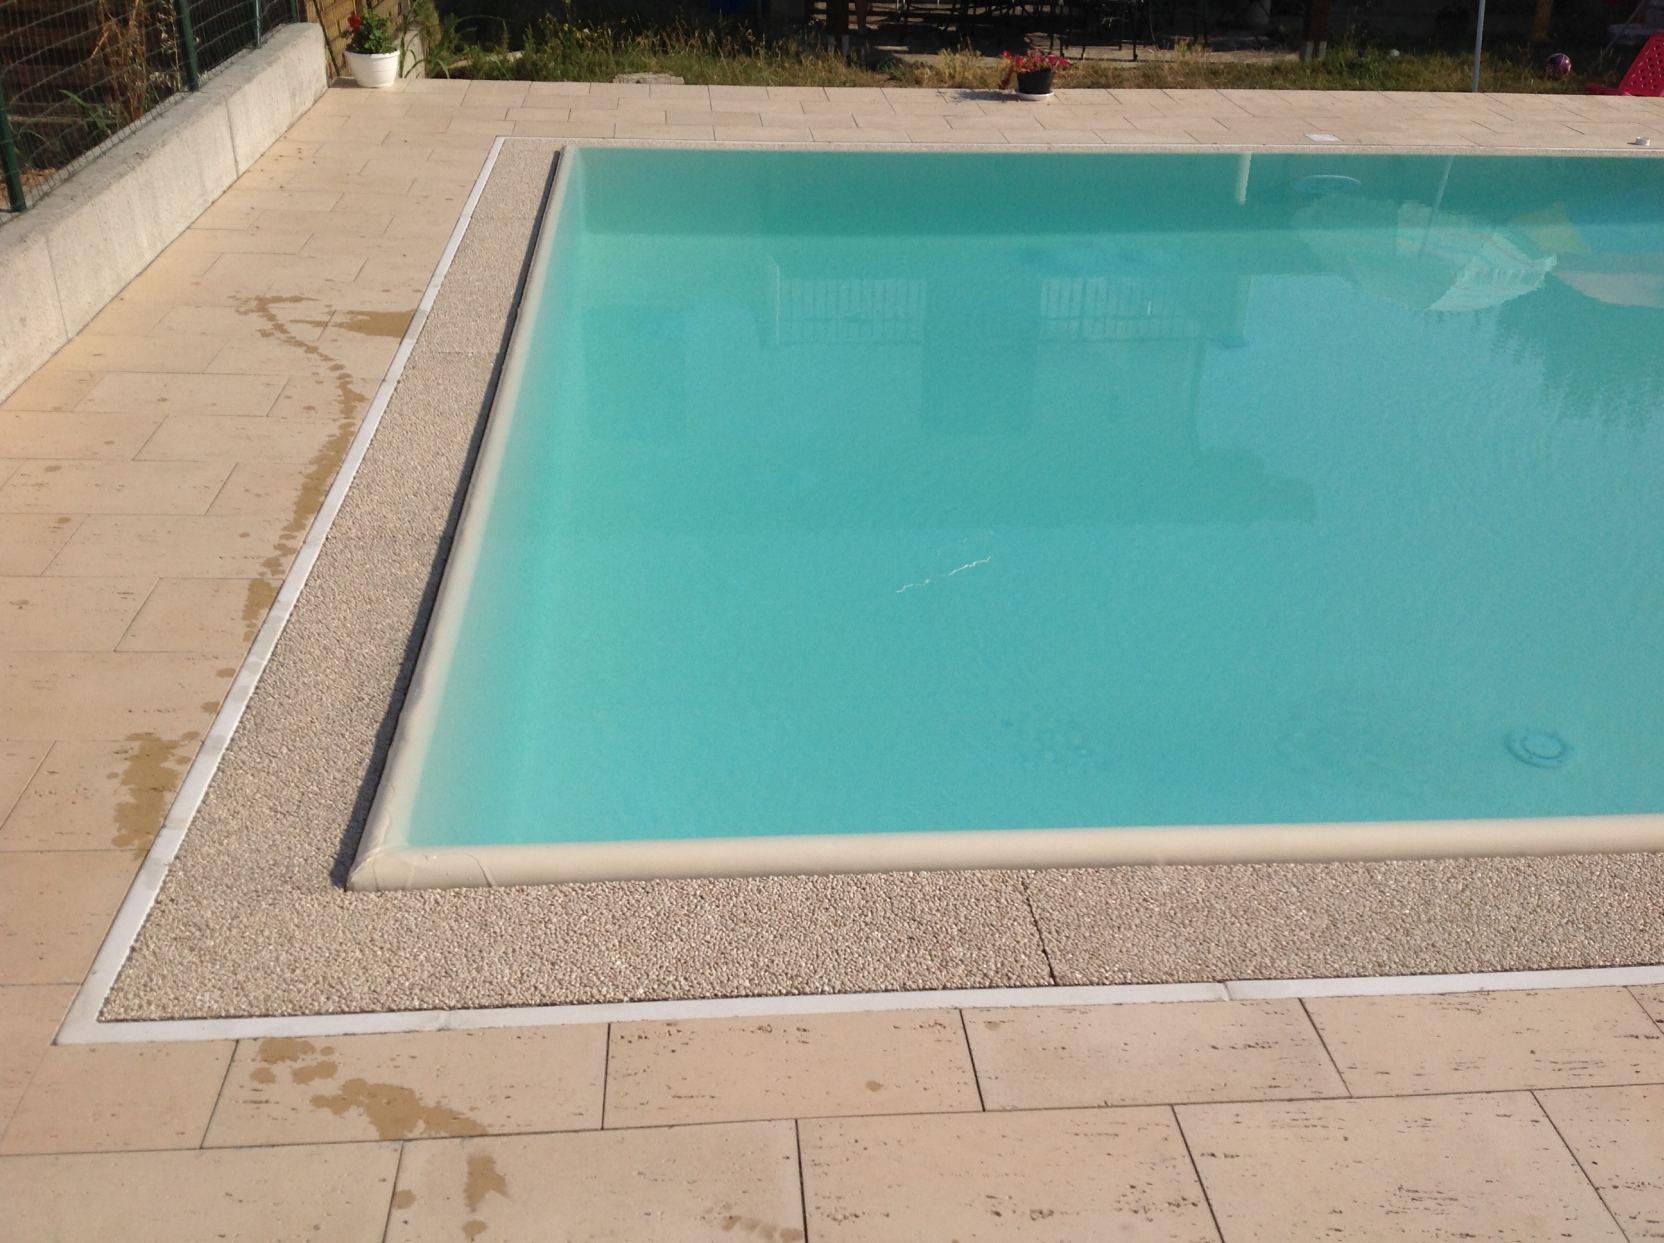 Bagnolo San Vito (7) - Casareggio Piscine: piscine, piscine mantova, costruttori di piscine